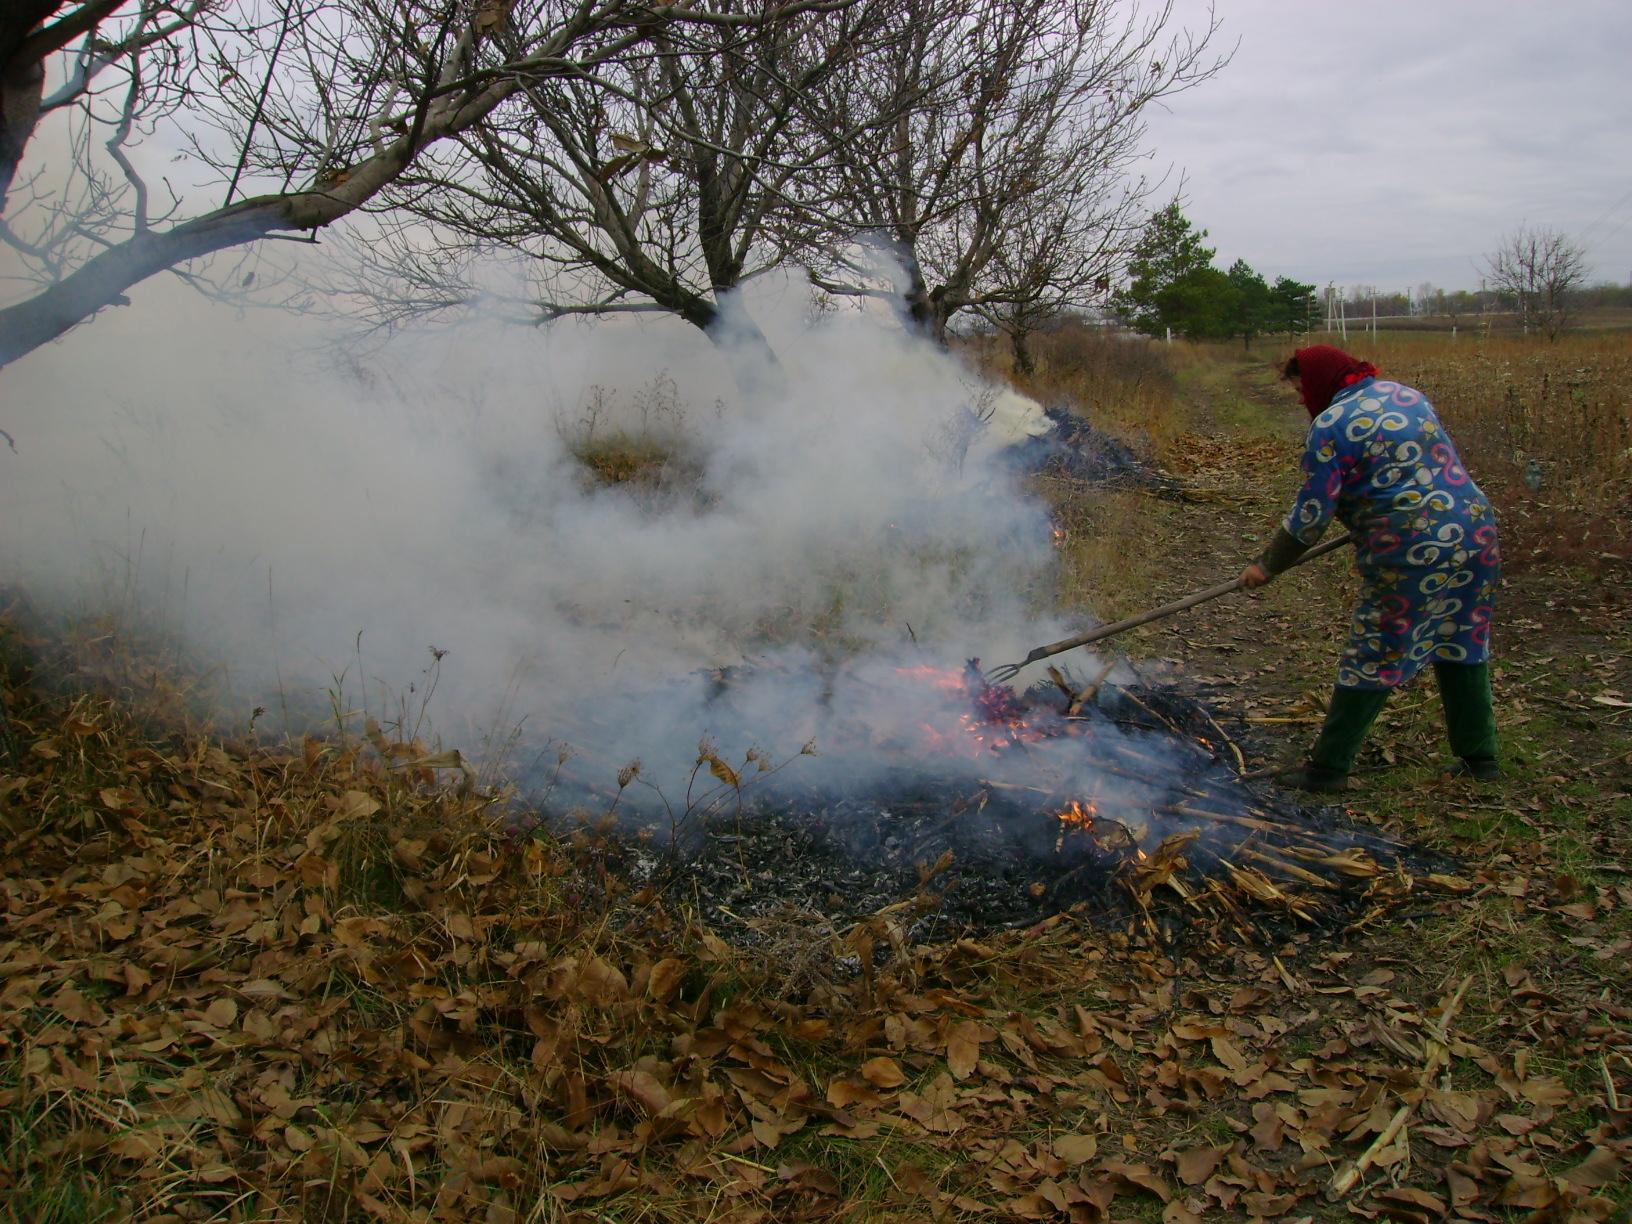 Amenzi de mii de lei. IPM lansează o campanie pentru a diminua poluarea aerului prin arderea frunzelor